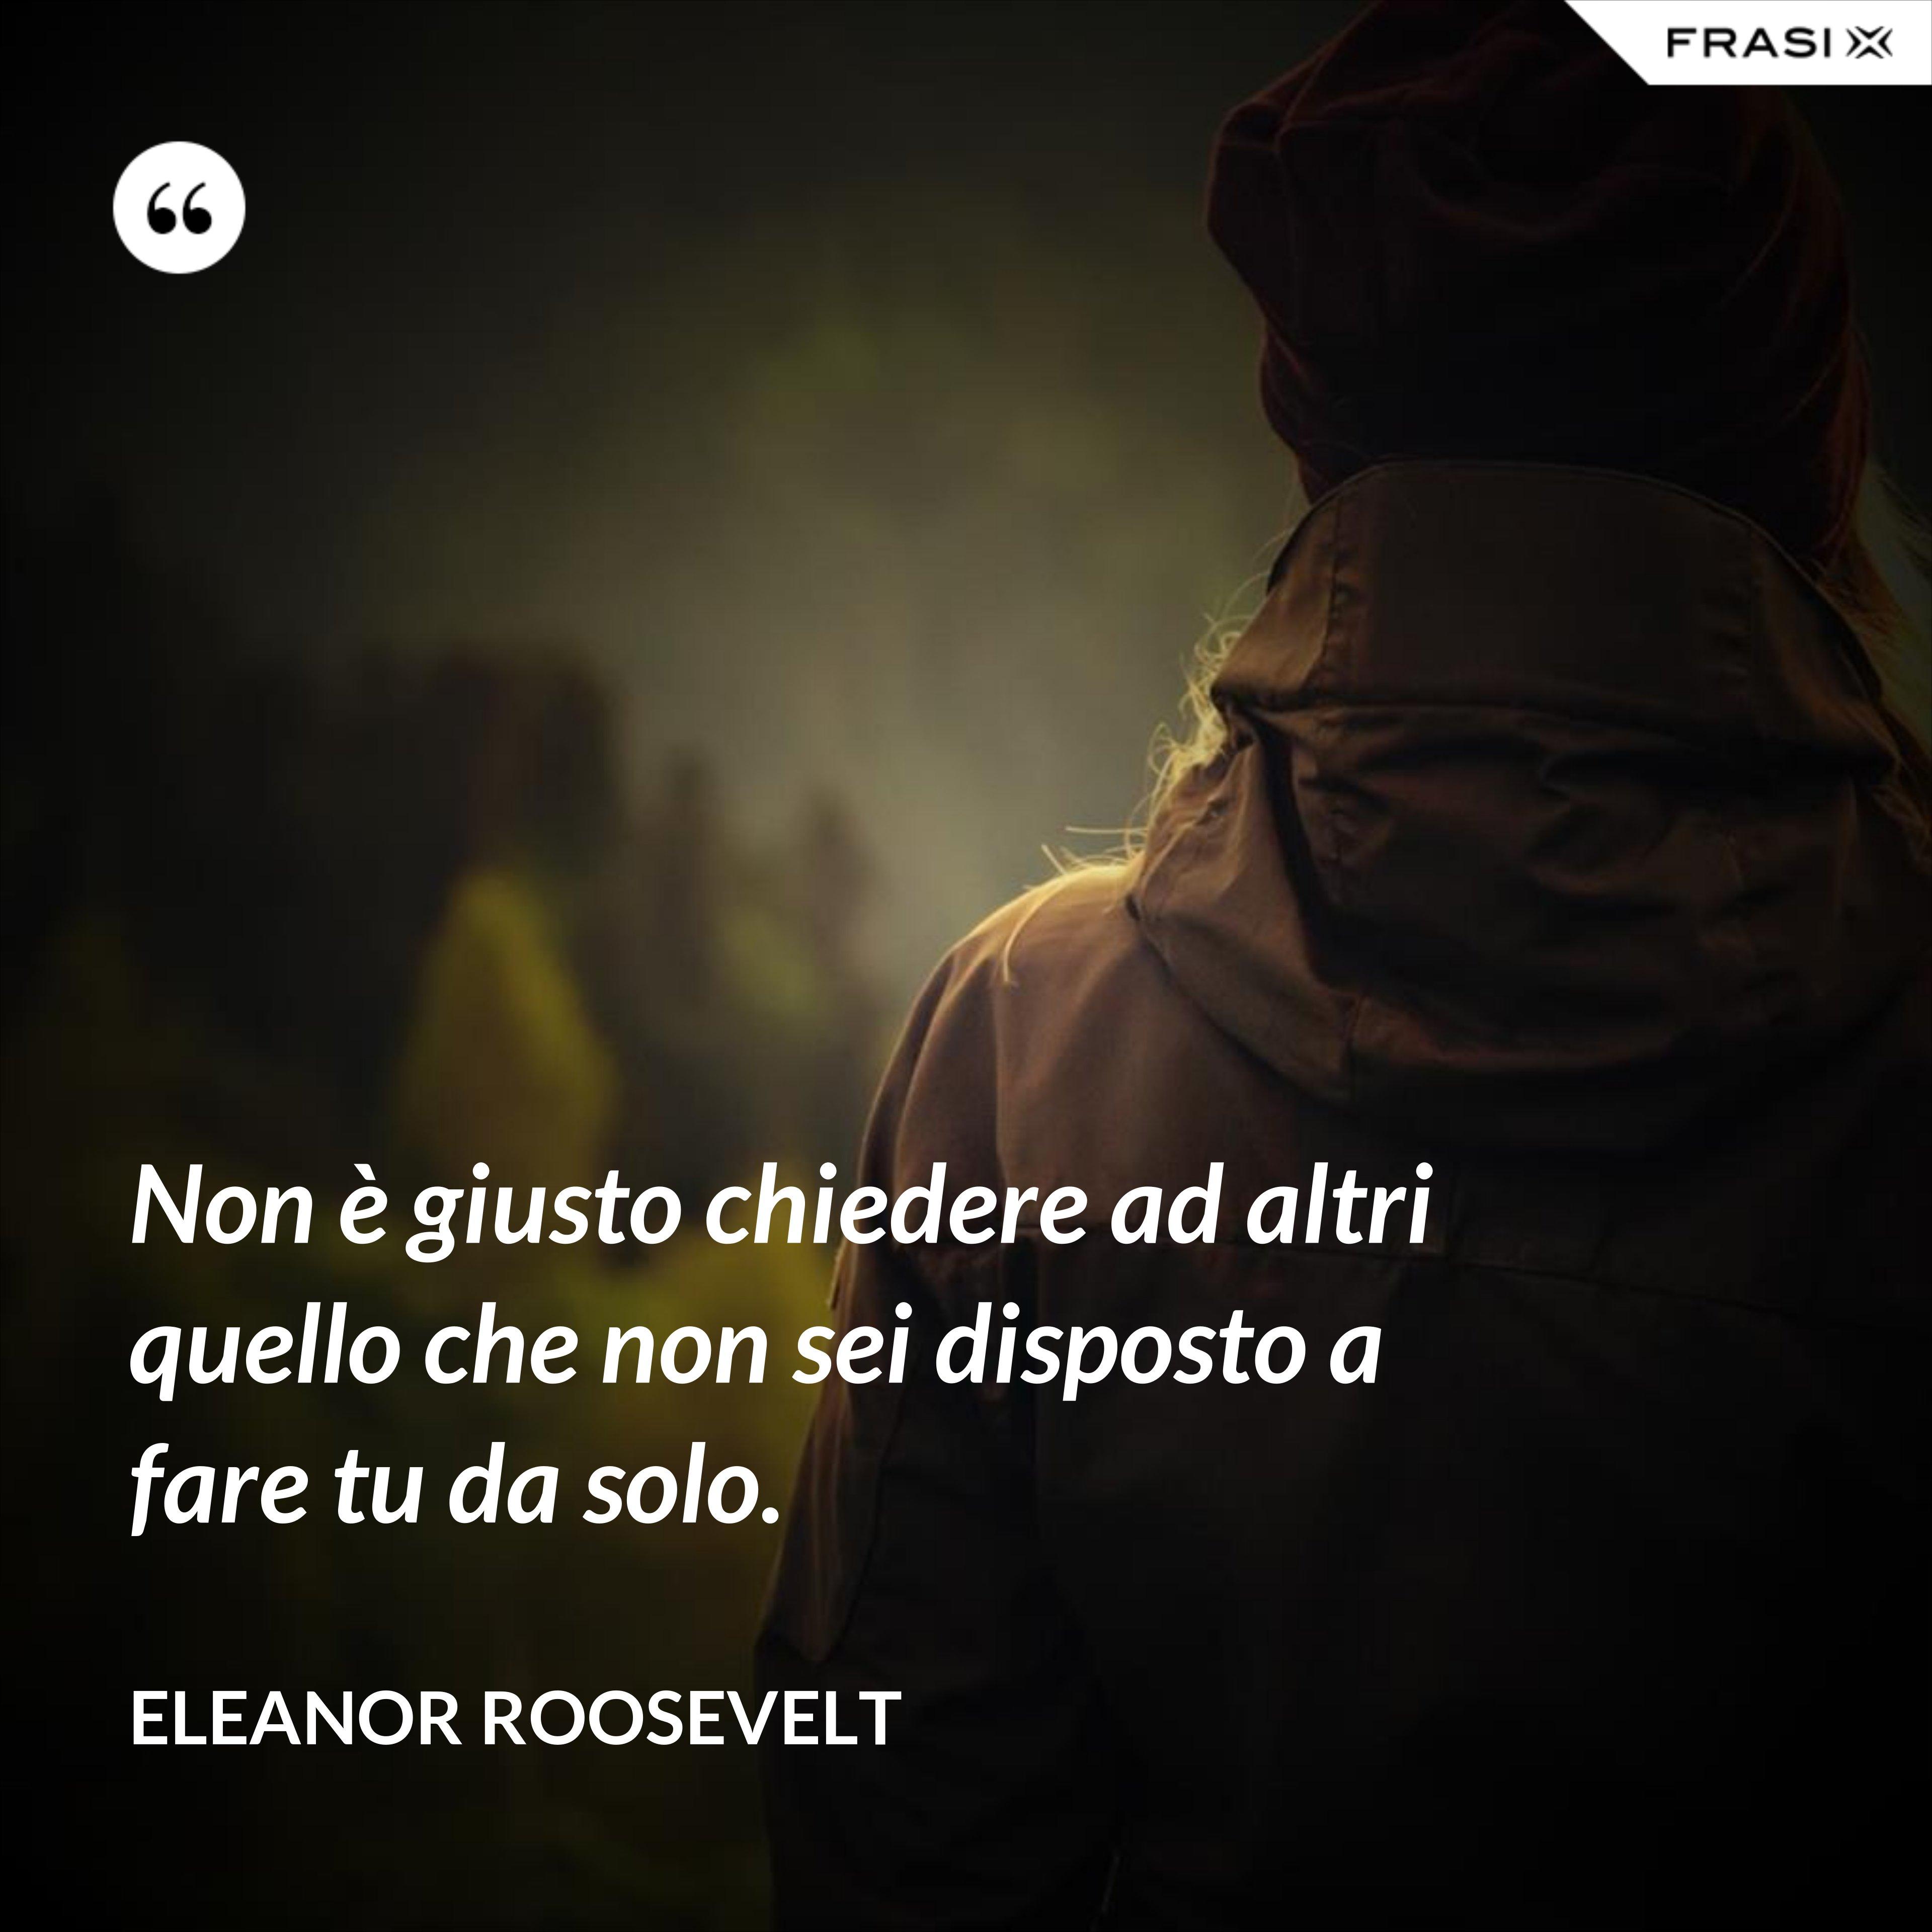 Non è giusto chiedere ad altri quello che non sei disposto a fare tu da solo. - Eleanor Roosevelt